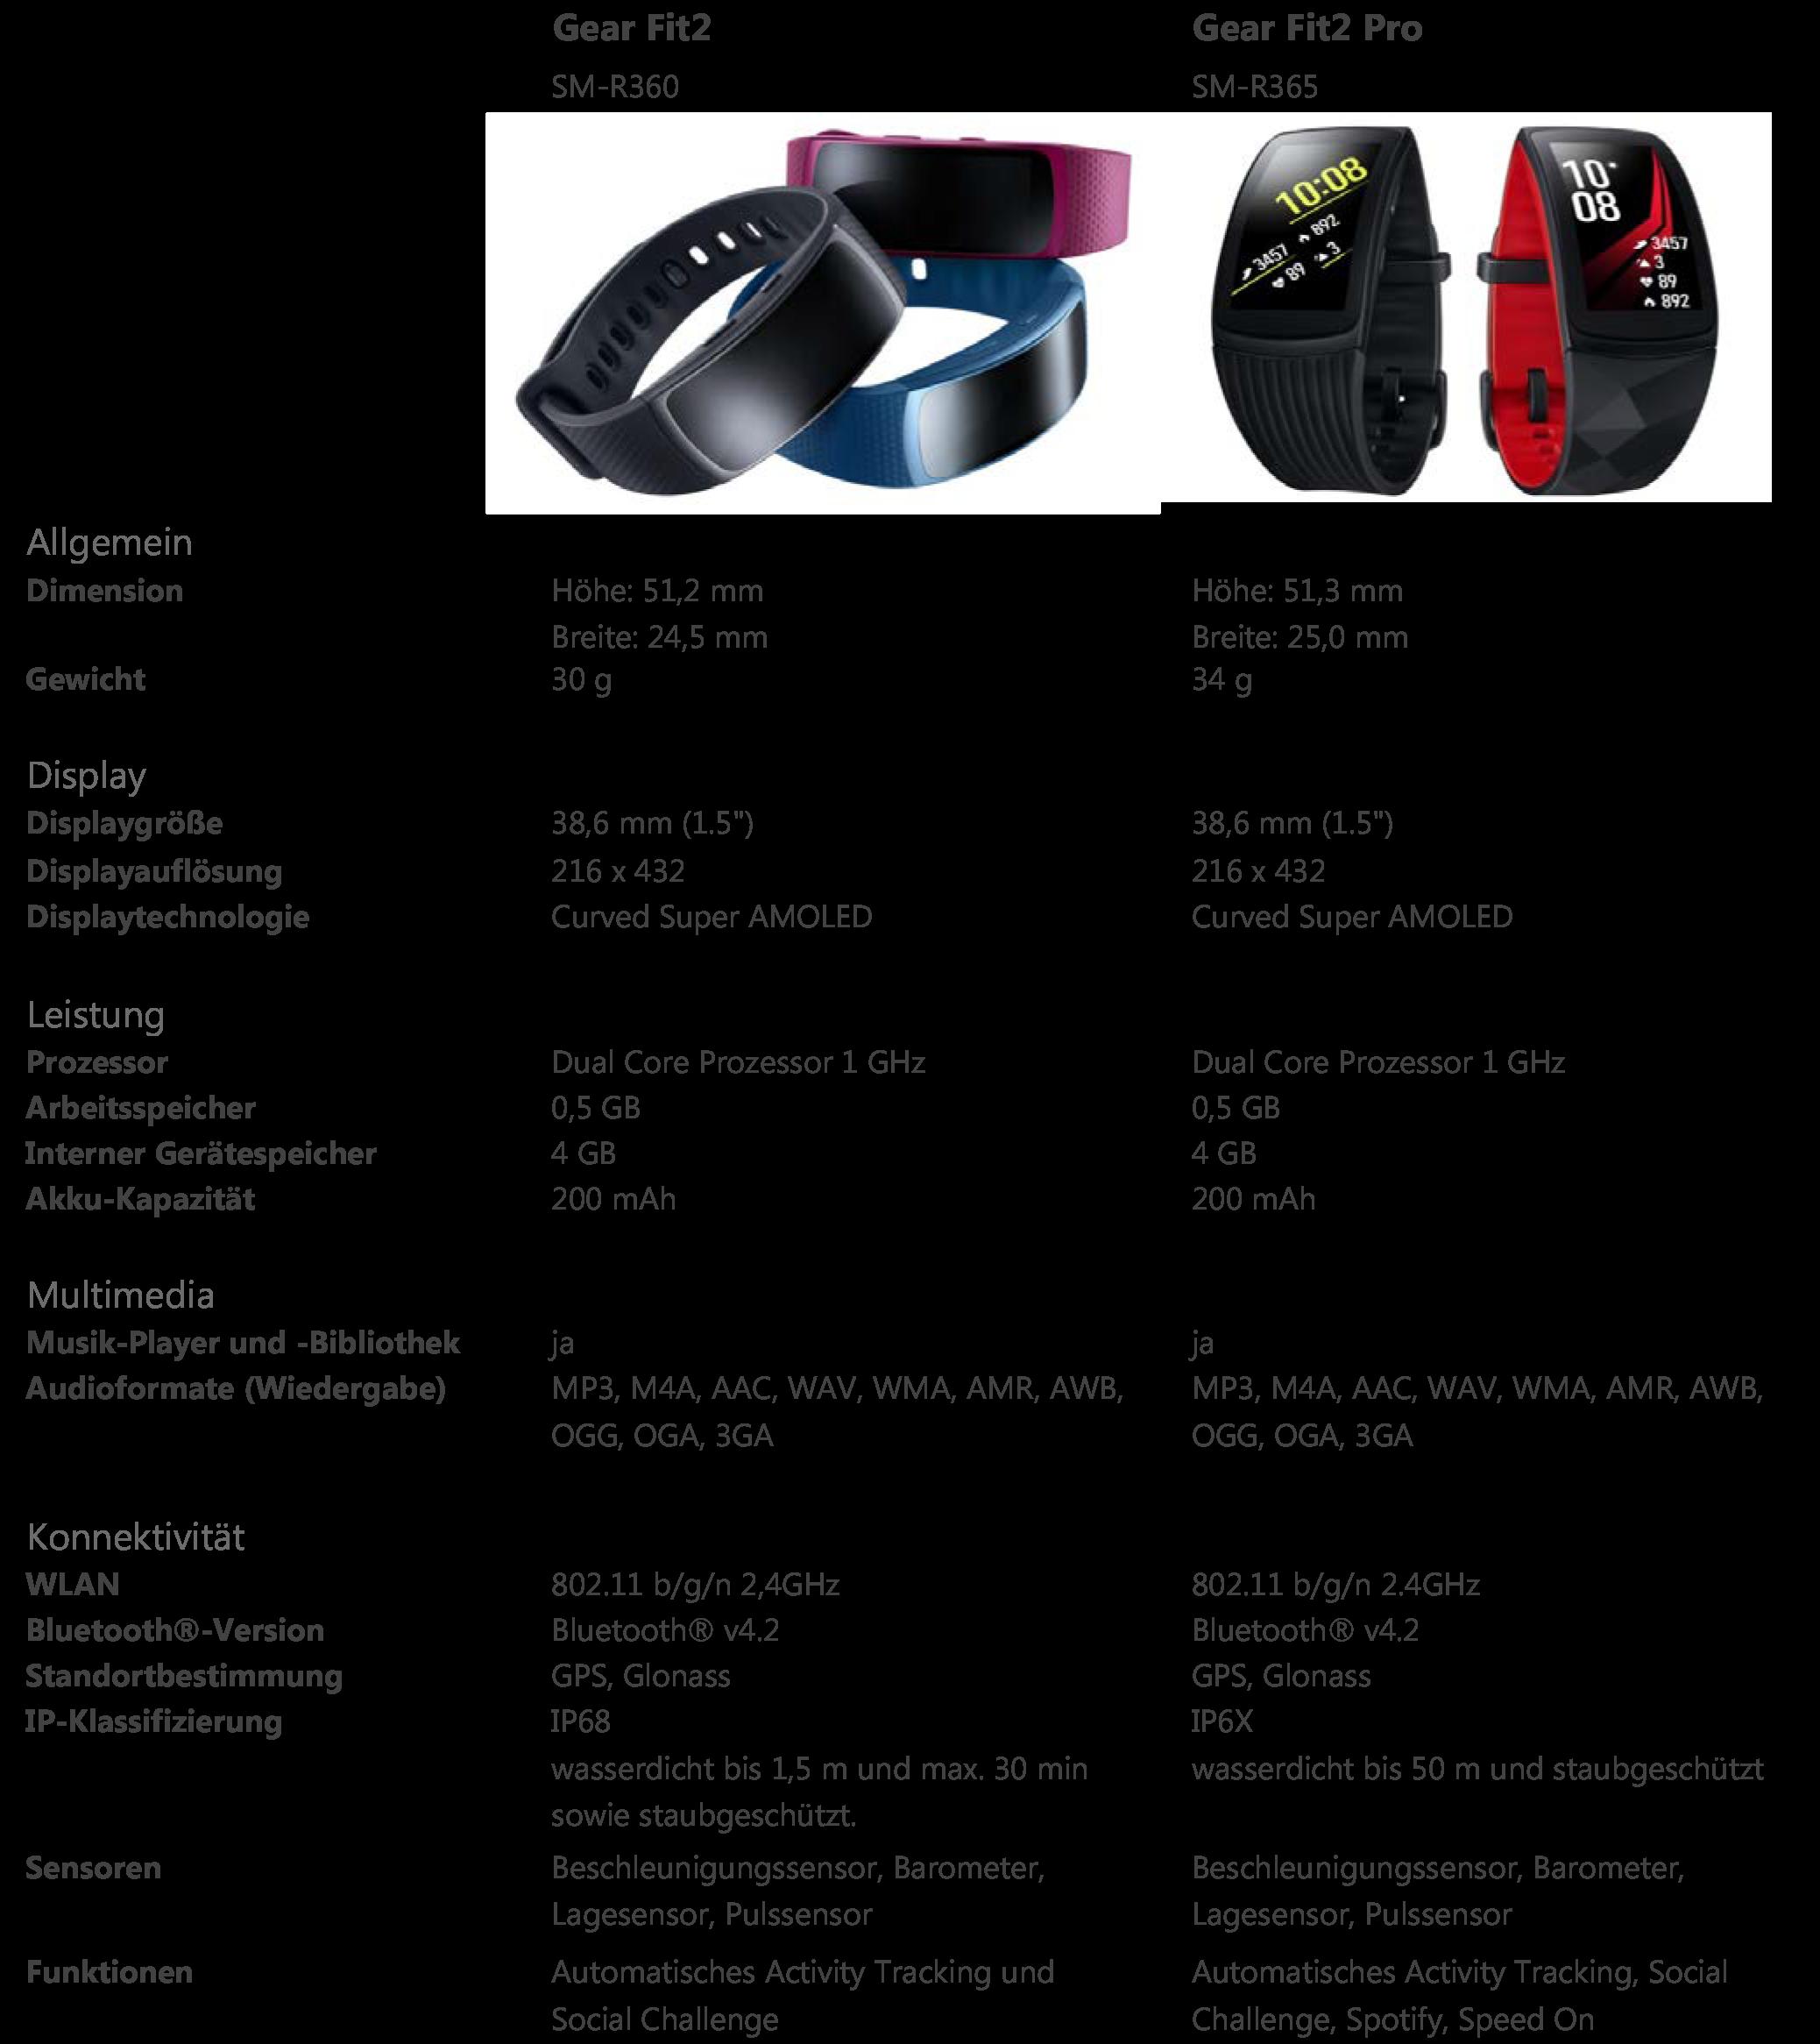 Was ist der Unterschied zwischen den Modellen Samsung Gear Fit2 und Gear Fit2 Pro